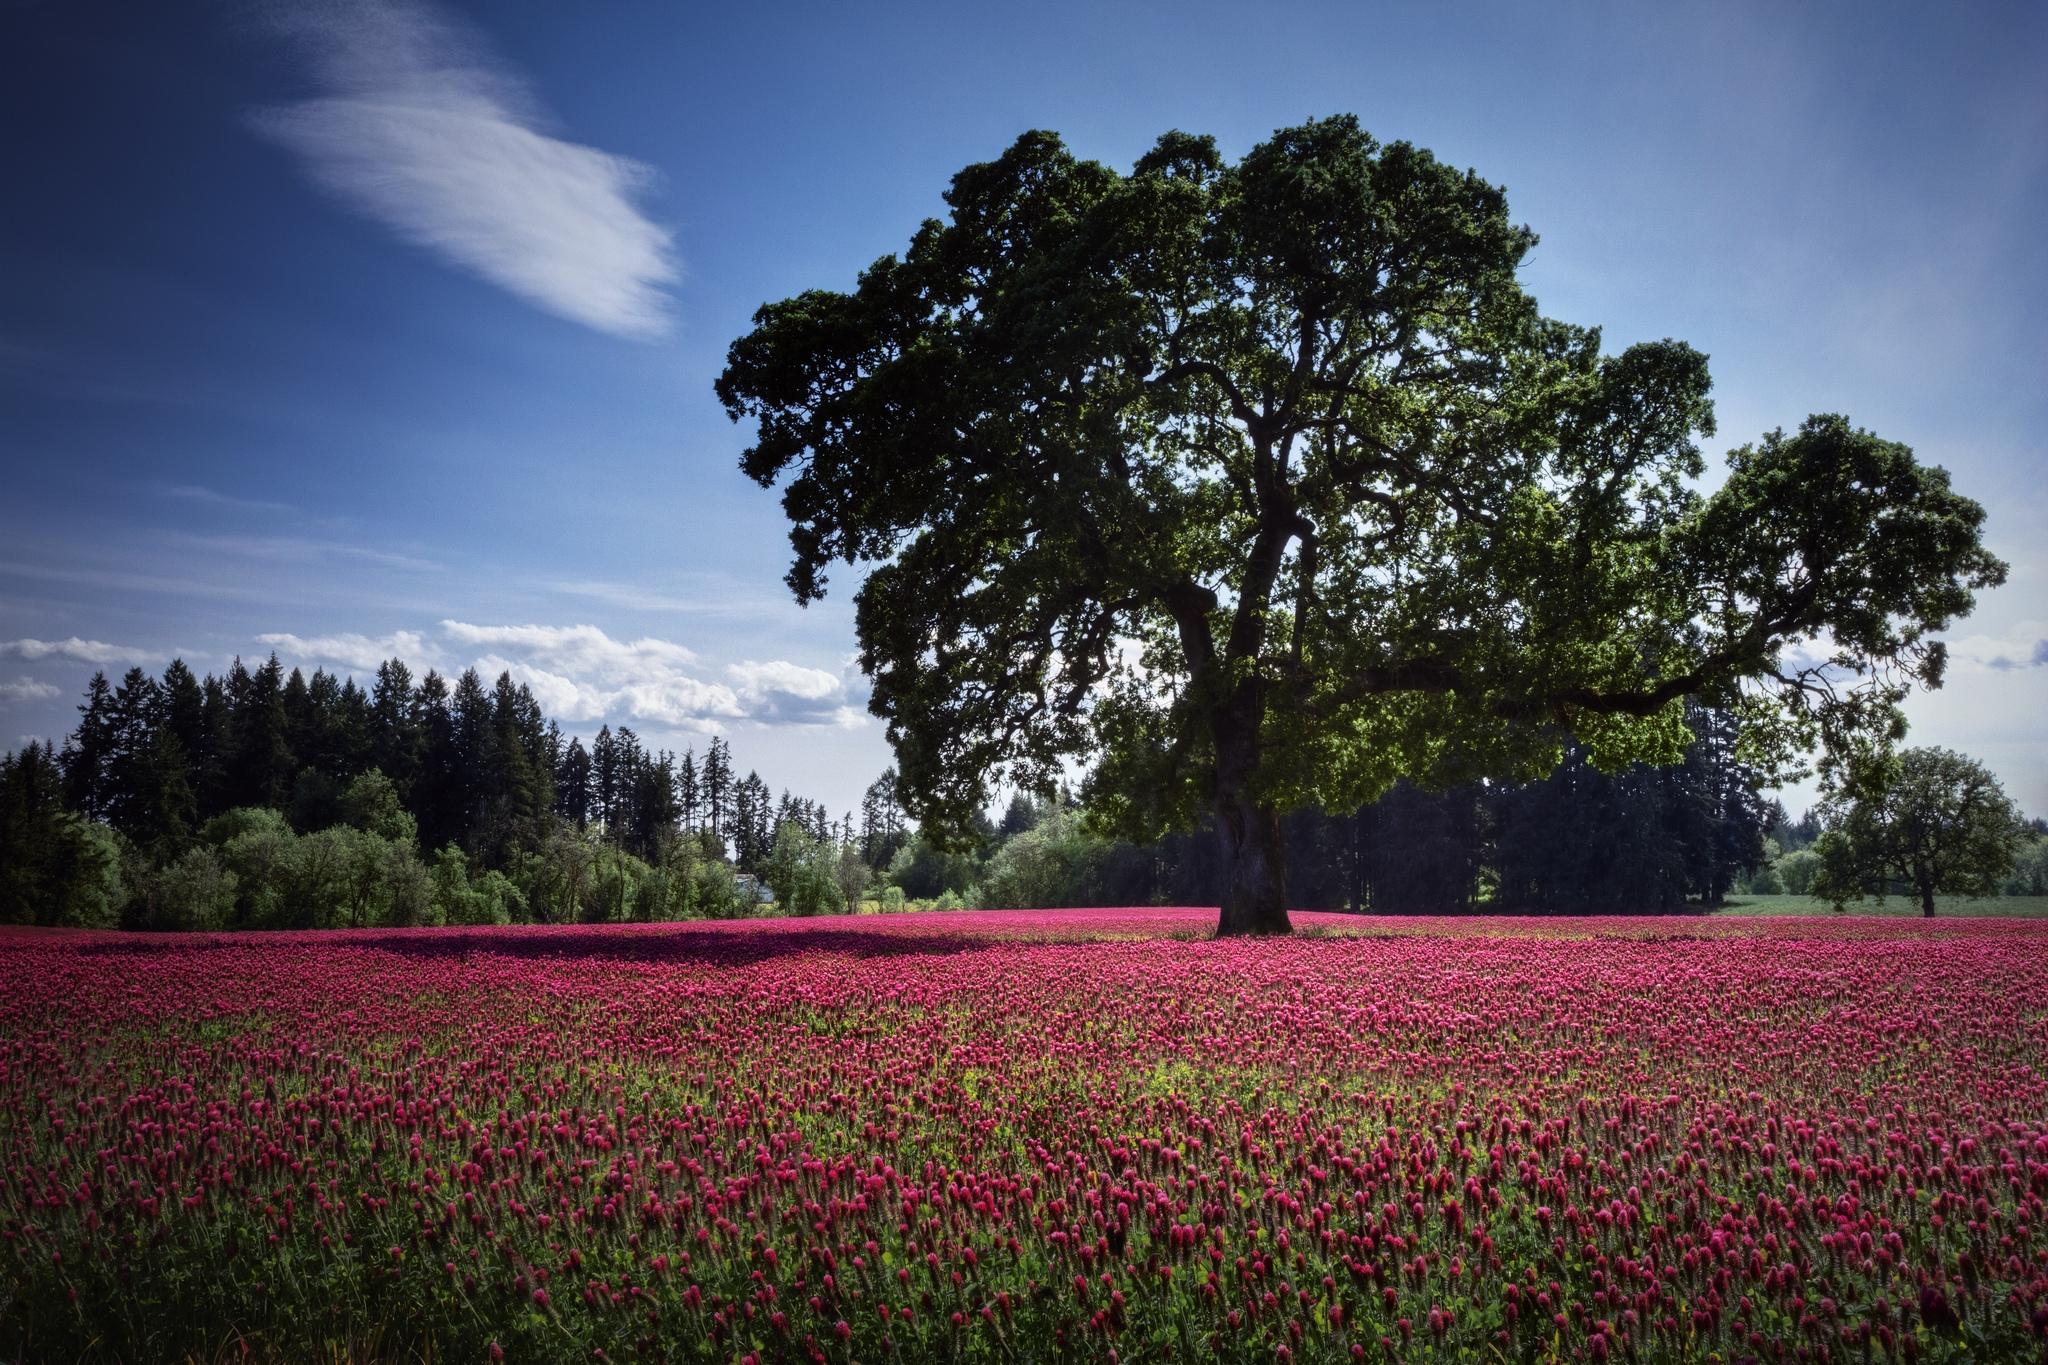 74114 免費下載壁紙 性质, 木头, 场地, 字段, 粉色的, 粉红色, 波利亚纳, 云, 云端, 景观, 花卉 屏保和圖片